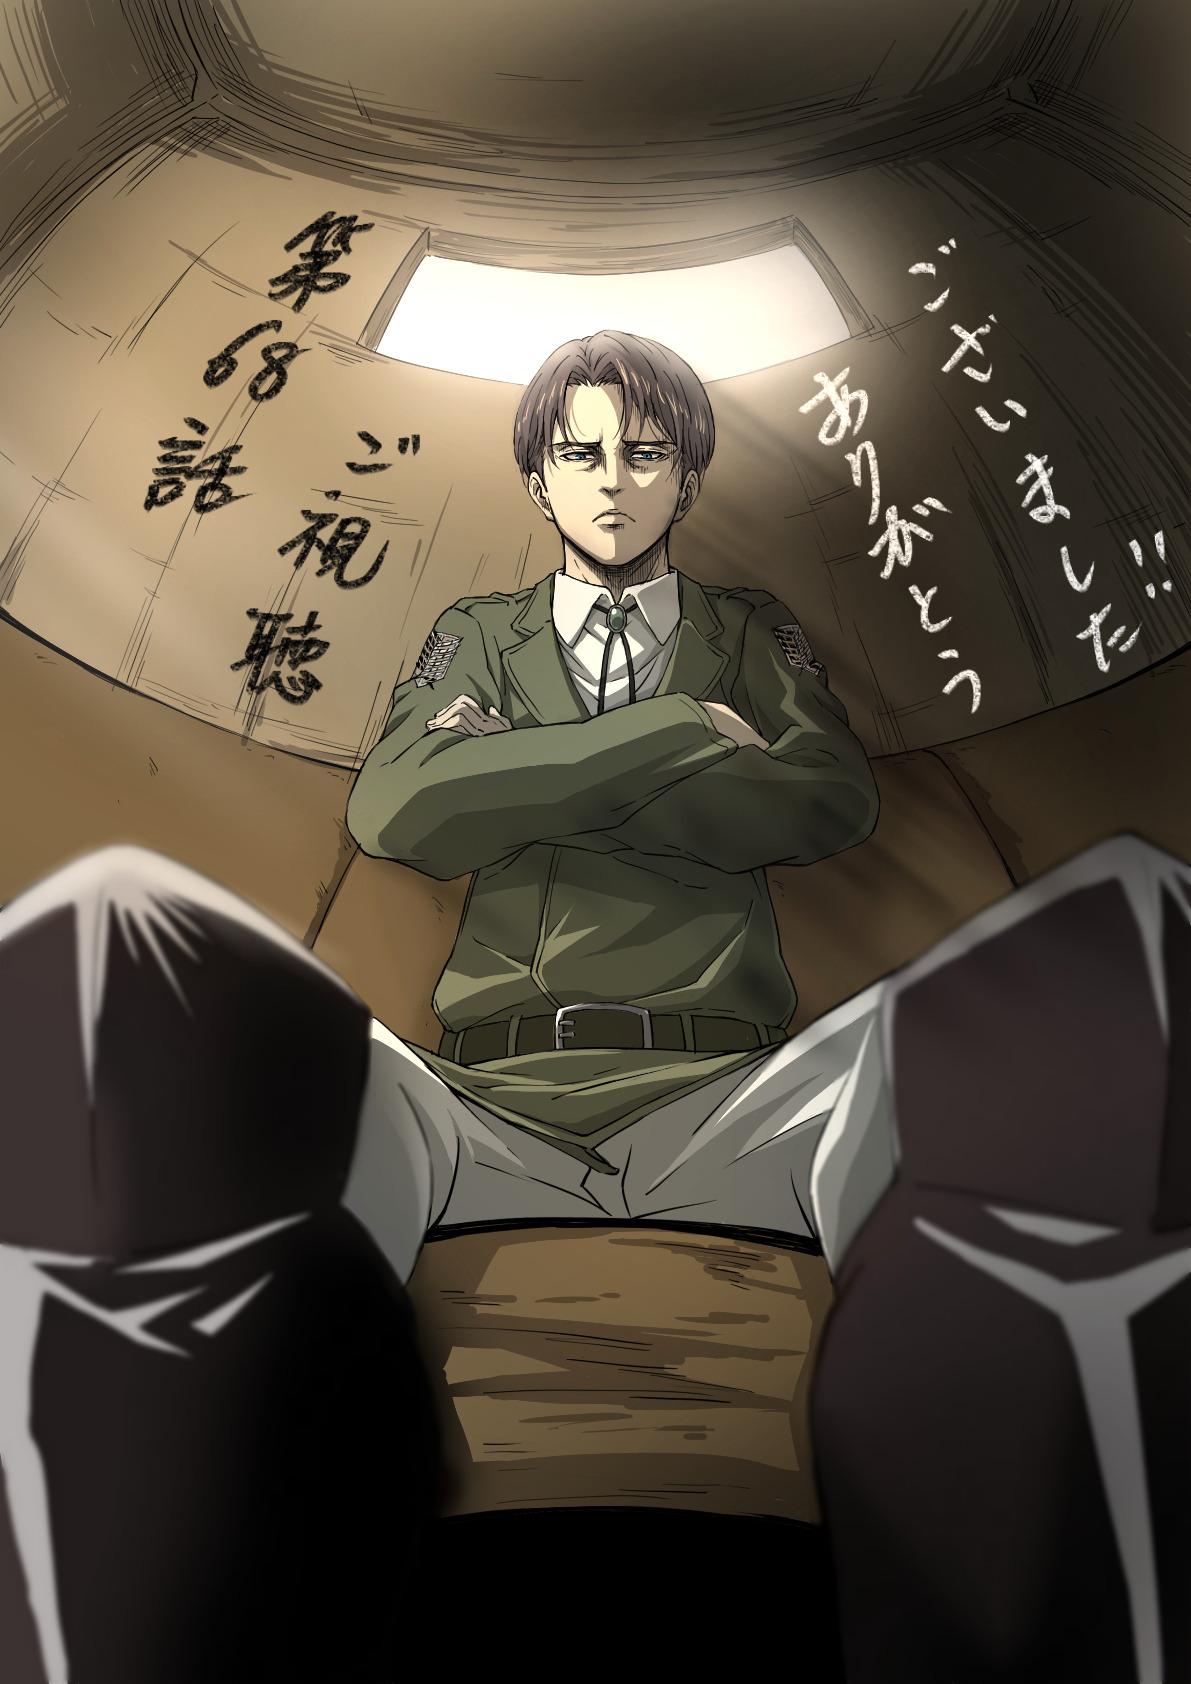 Shingeki No Kyojin Saison 3 Episode 16 : shingeki, kyojin, saison, episode, Shingeki, Kyojin, Attack, Titan